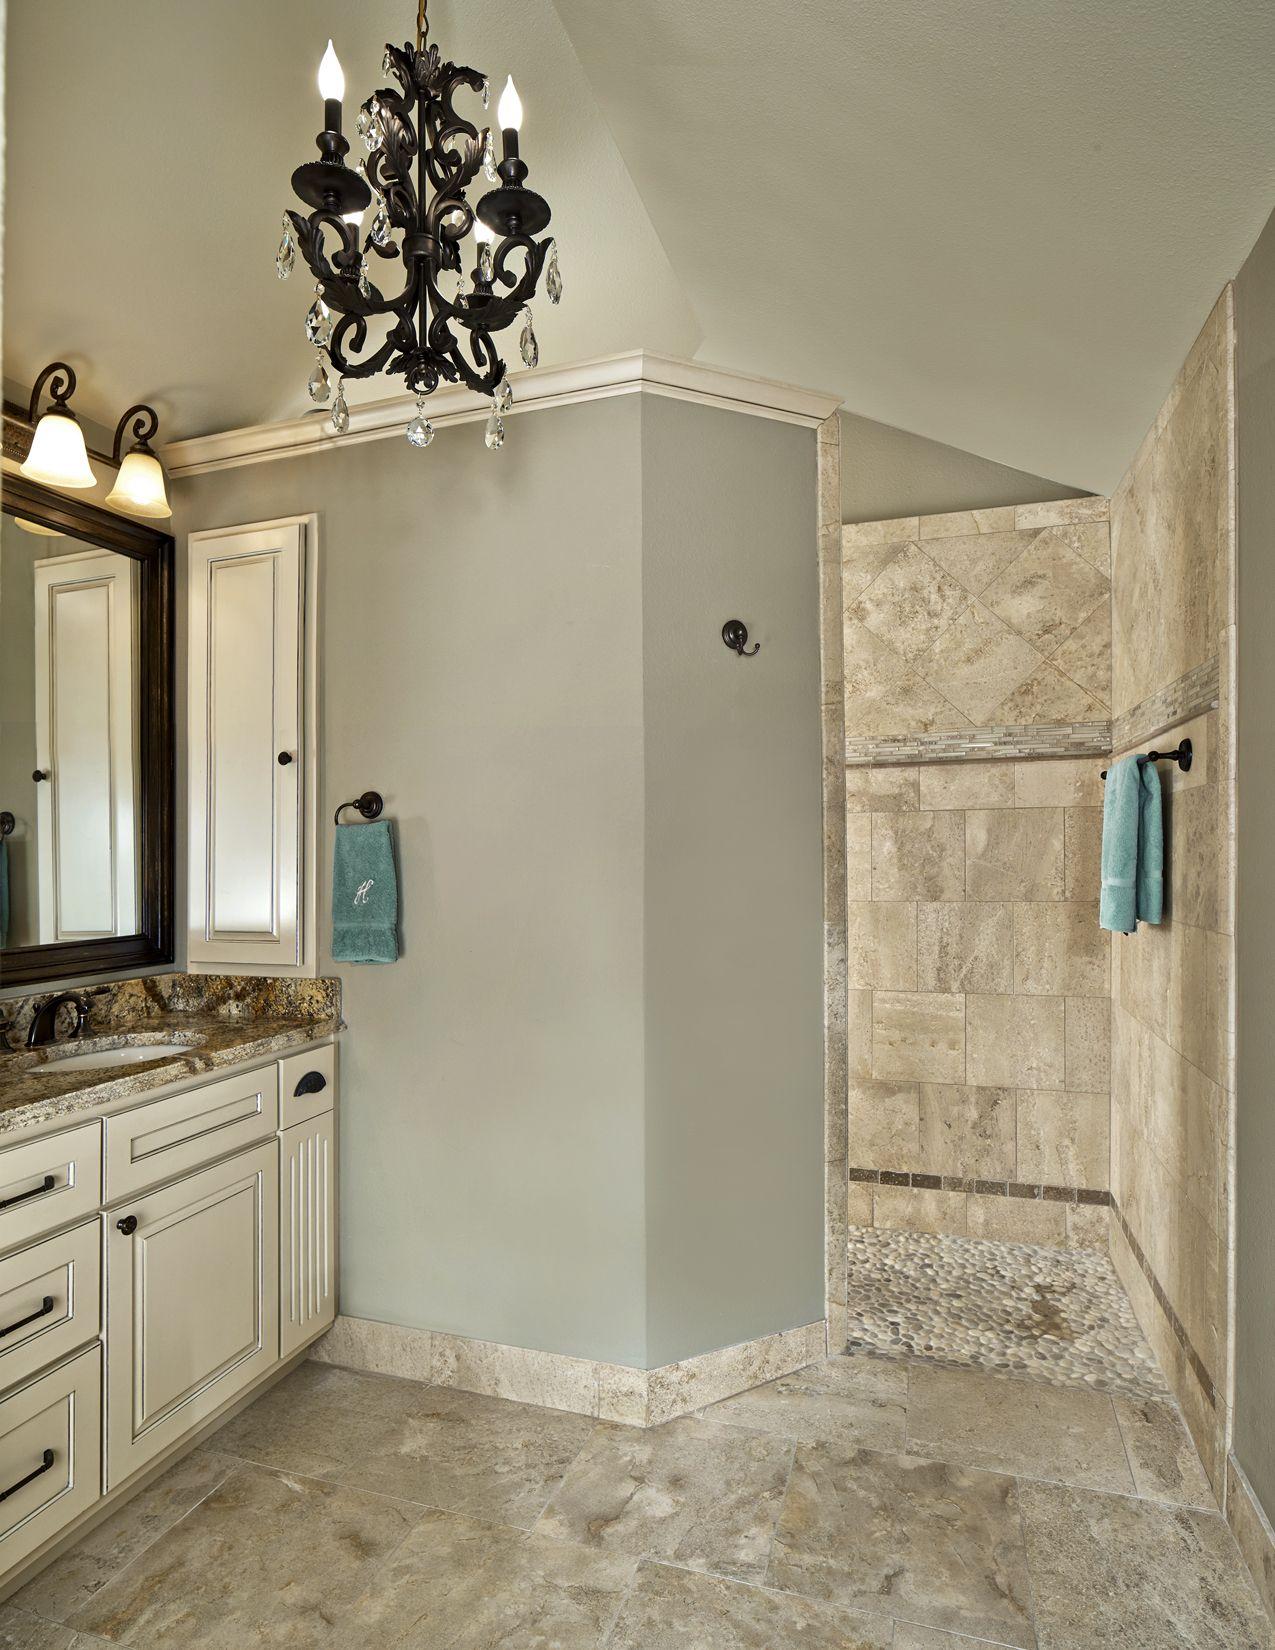 Spa wie badezimmer ideen old shepard master bath walkin shower spaexperience river rock